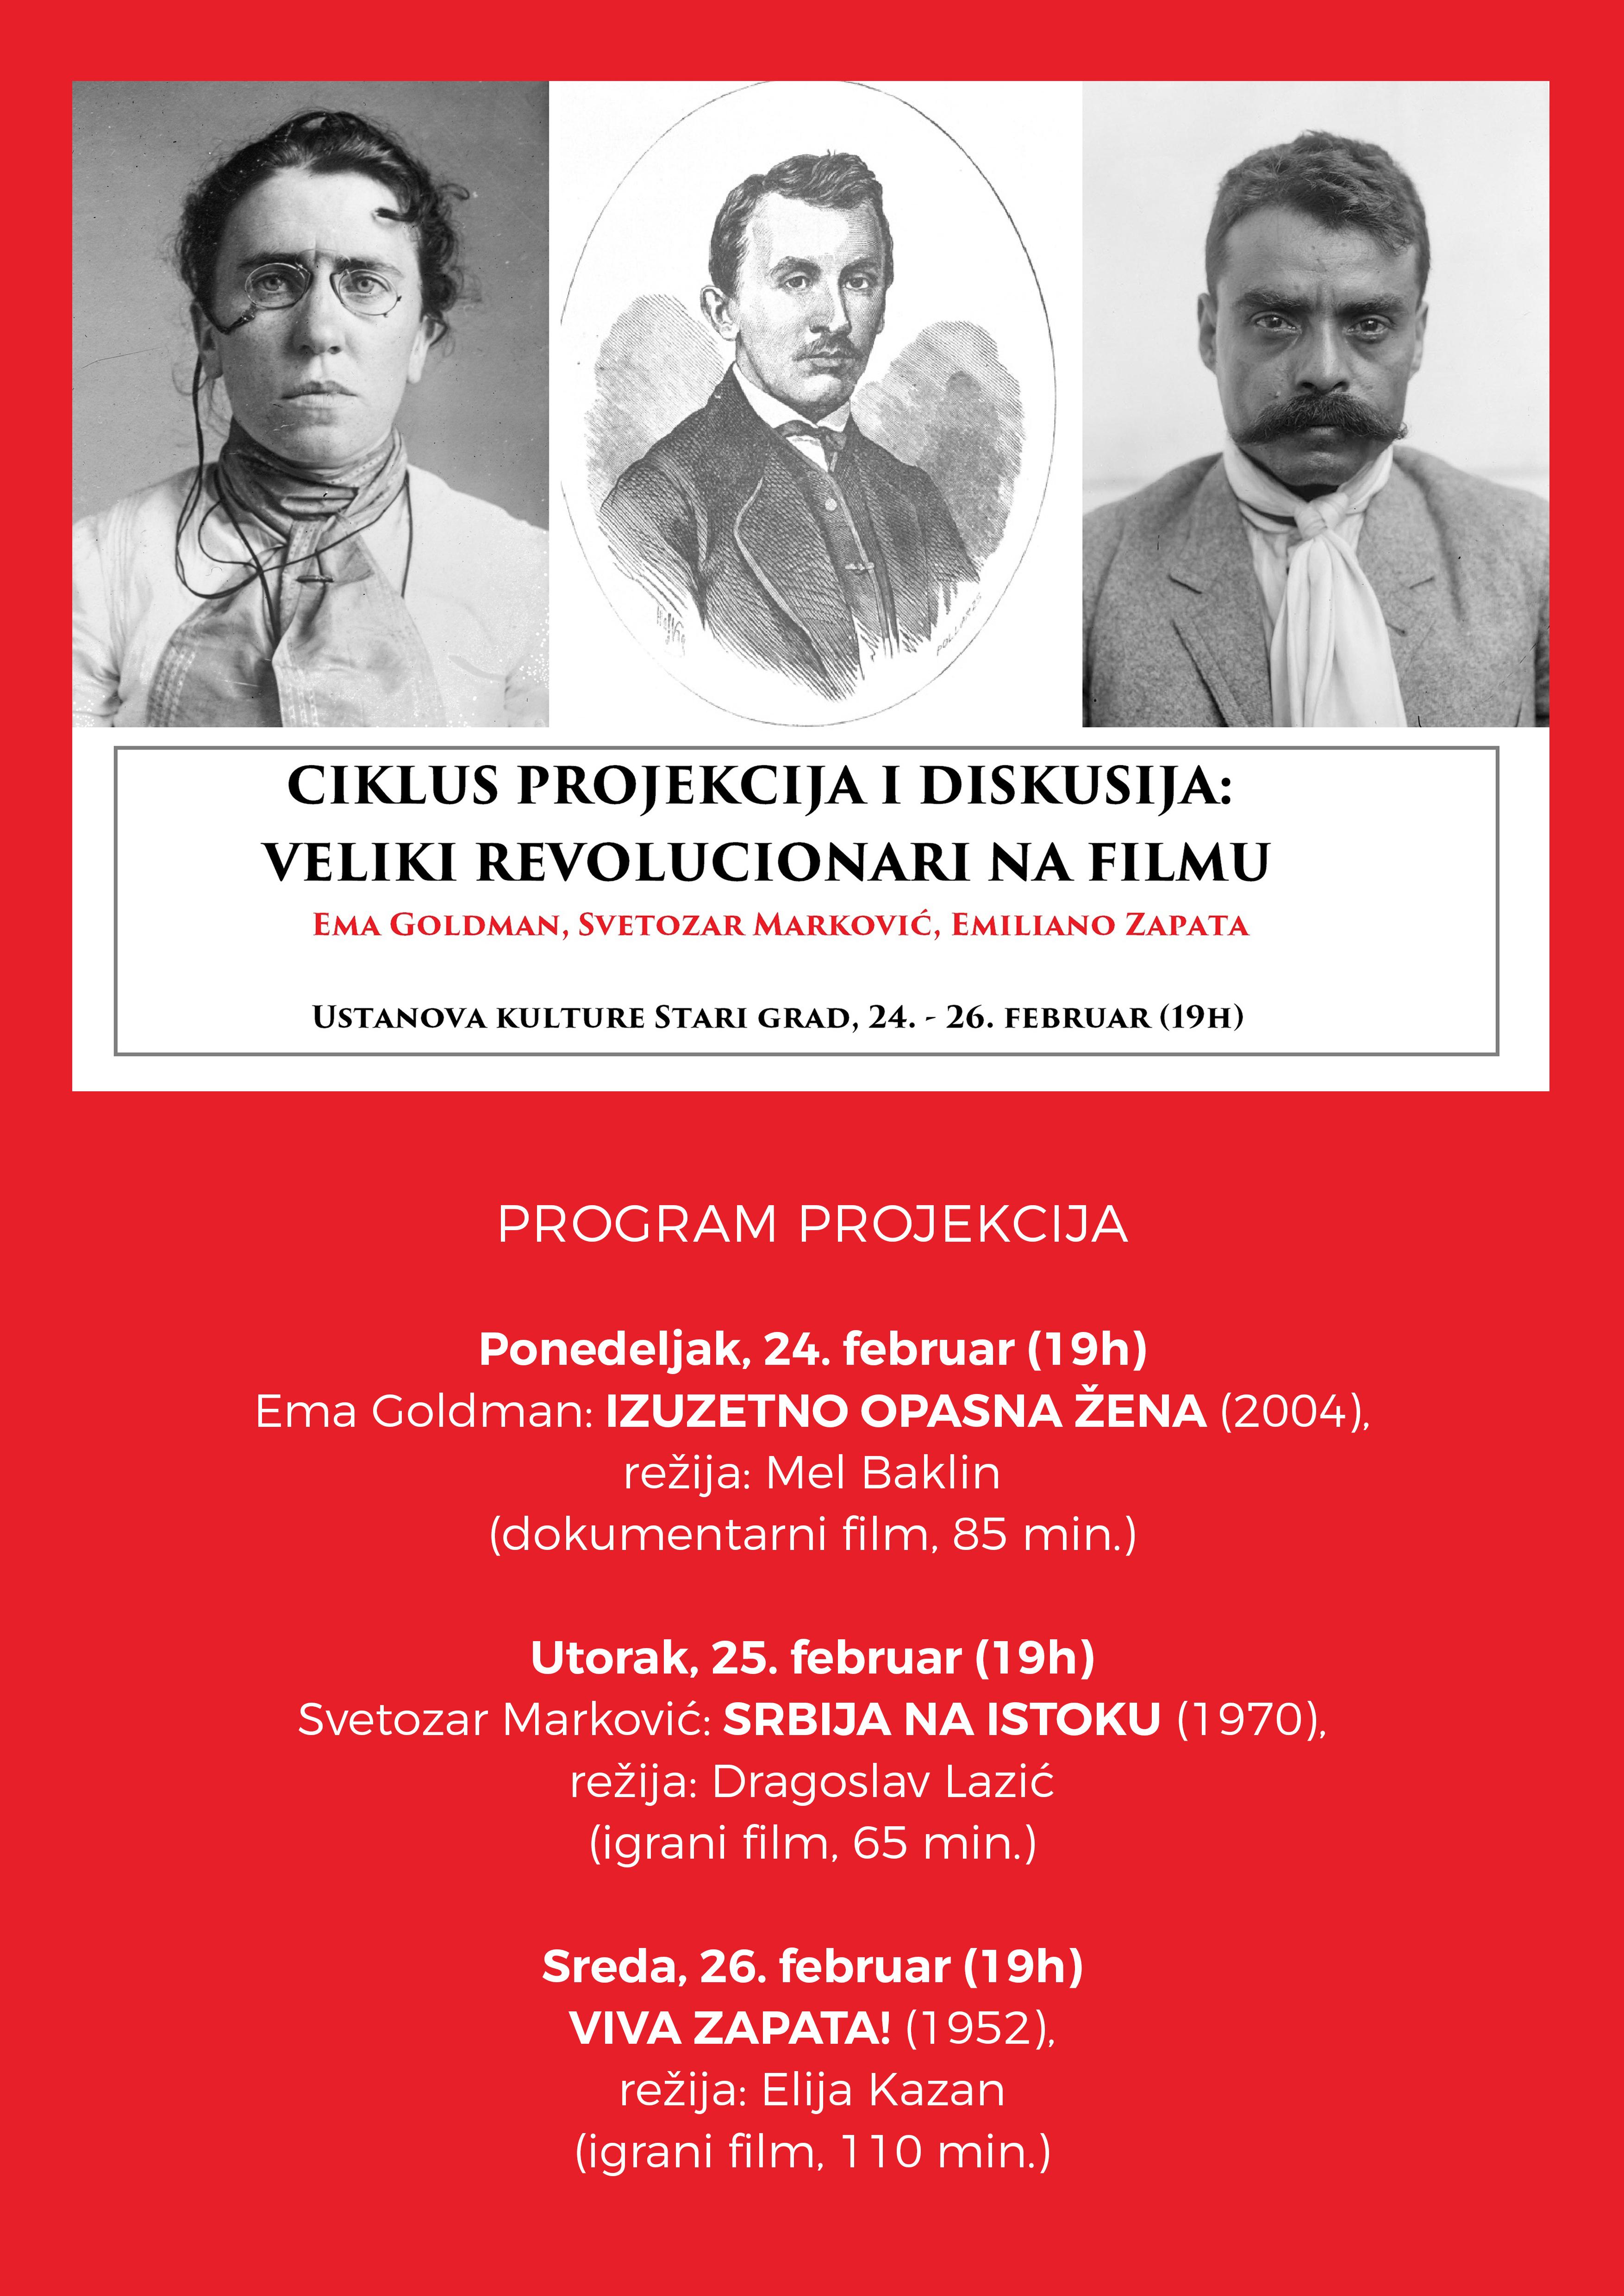 Ciklus projekcija i diskusija: Veliki revolucionari na filmu